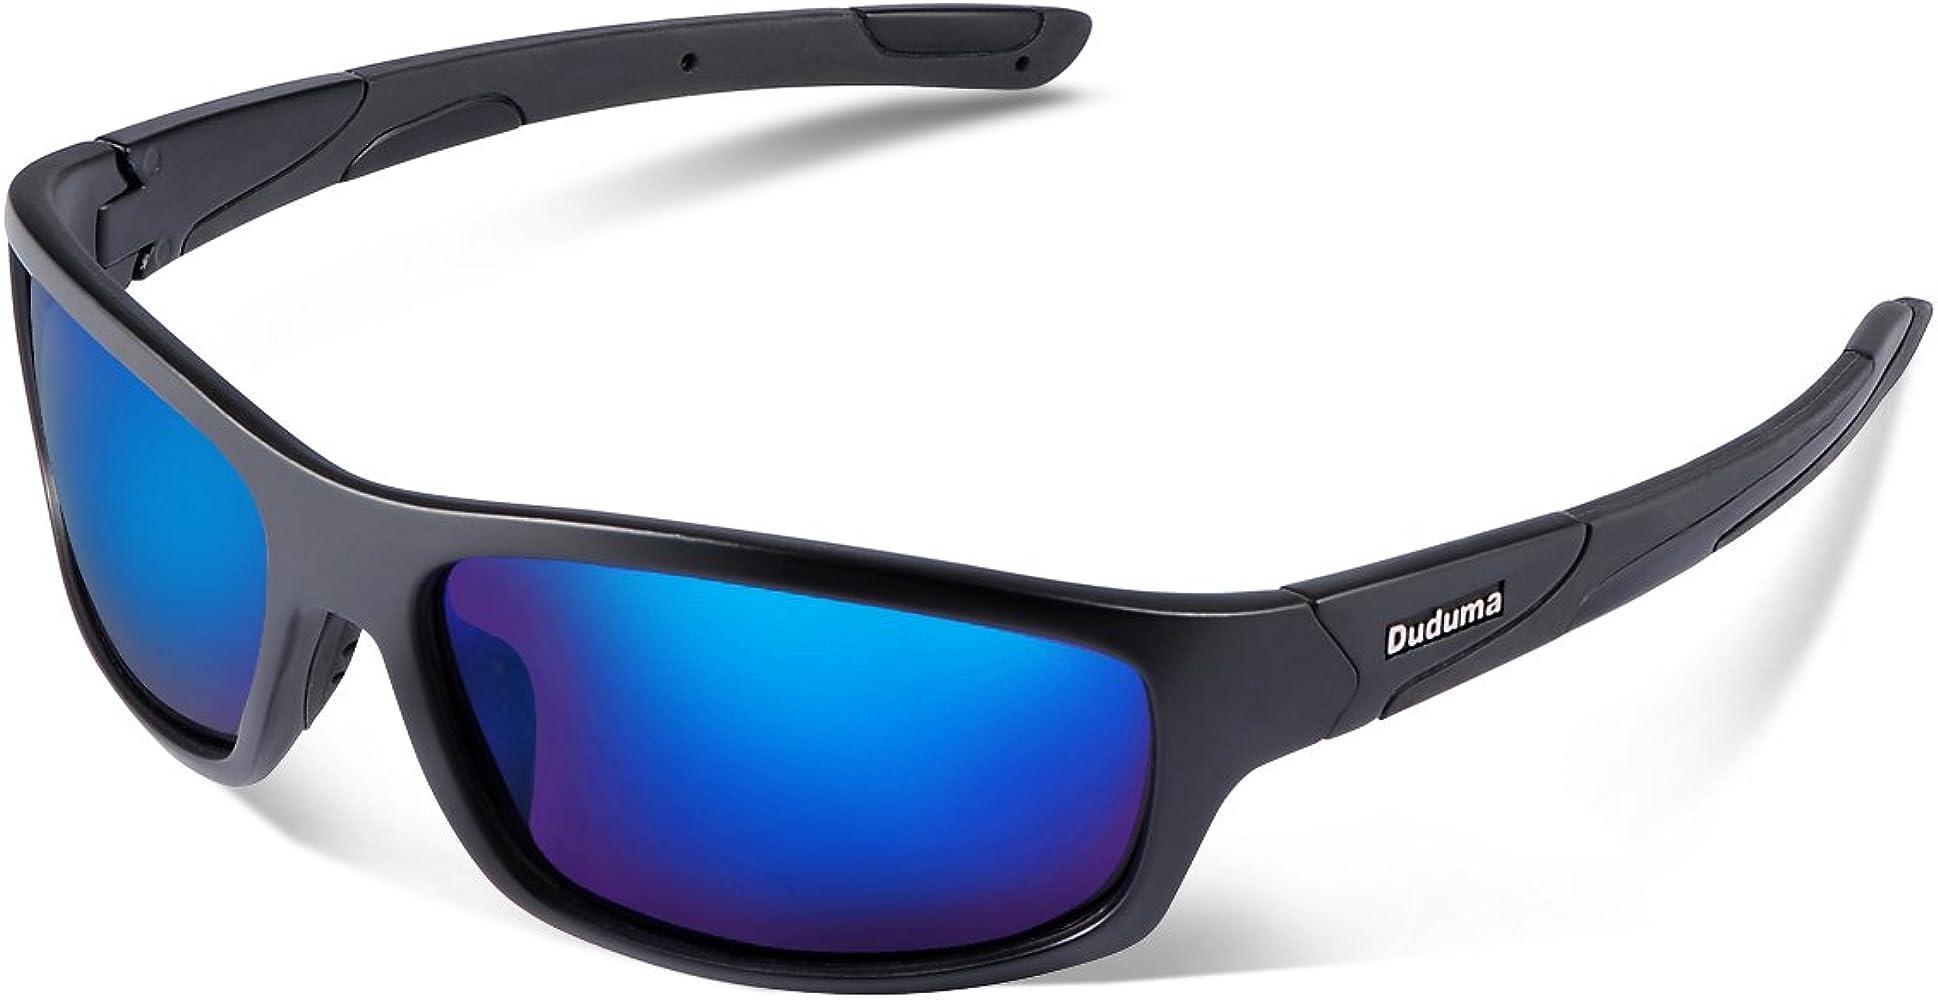 Duduma Gafas de Sol Deportivas Polarizadas Perfectas Para Esquiar Golf Correr Ciclismo con el Marco Irrompible Du645 Para Hombre y Para Mujer